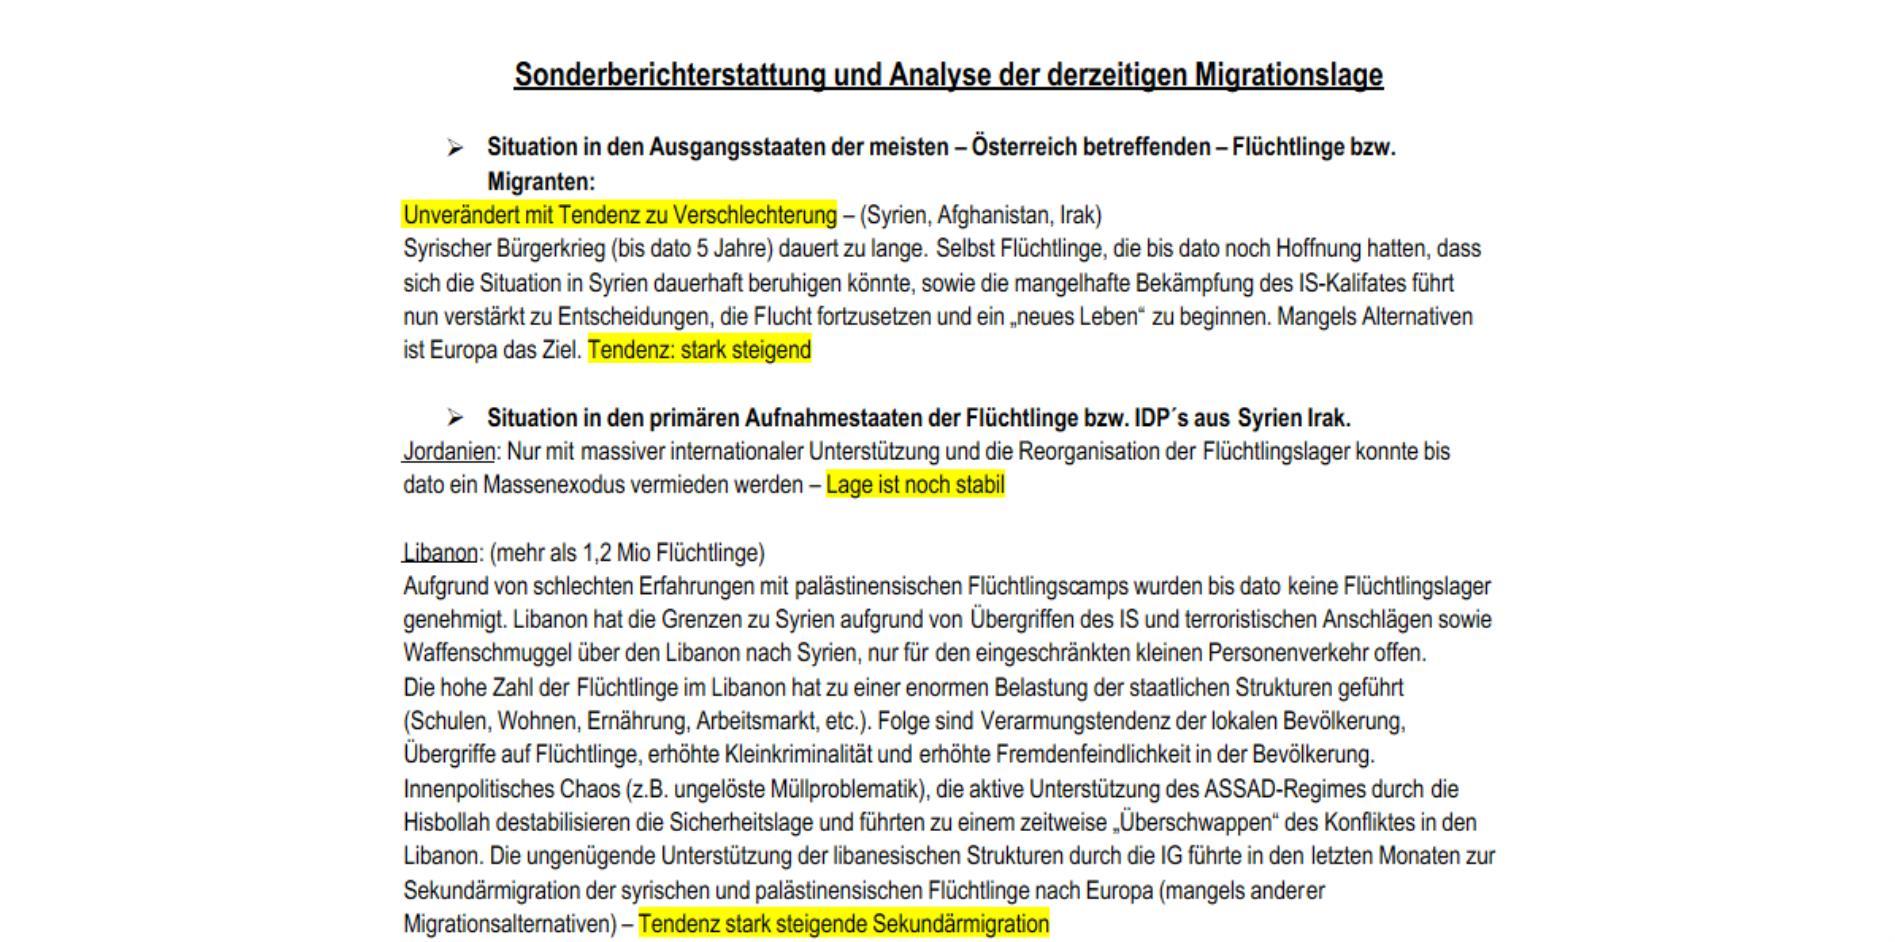 sonderbericht-der-dezeitigen-migrationslage-1.jpg